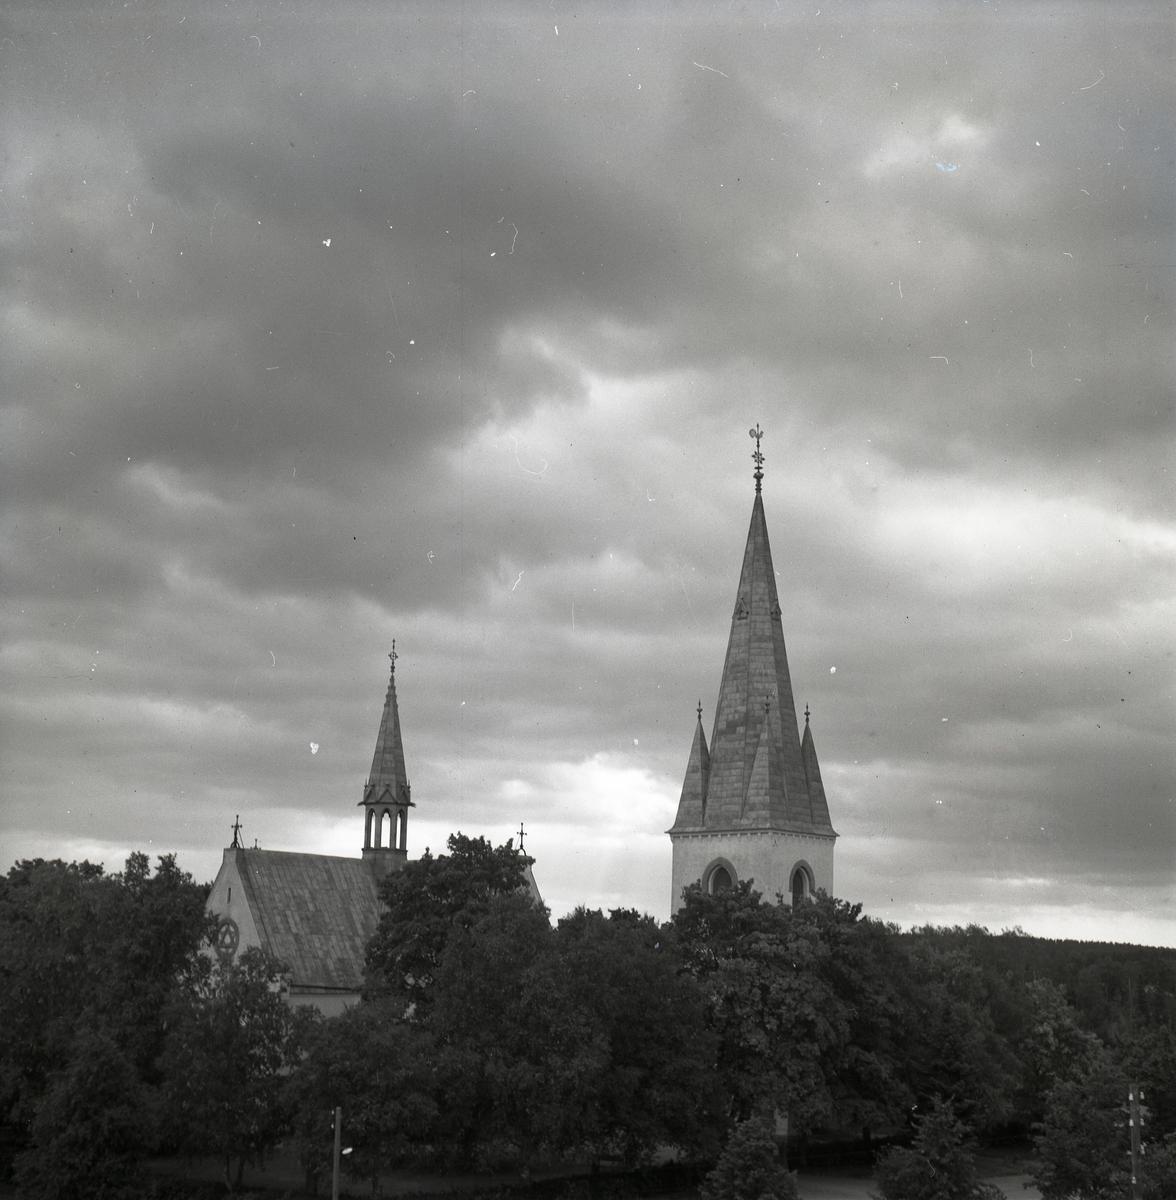 Bland trädtopparna sticker kyrktornet och takryttaren från Harmångers kyrka upp.